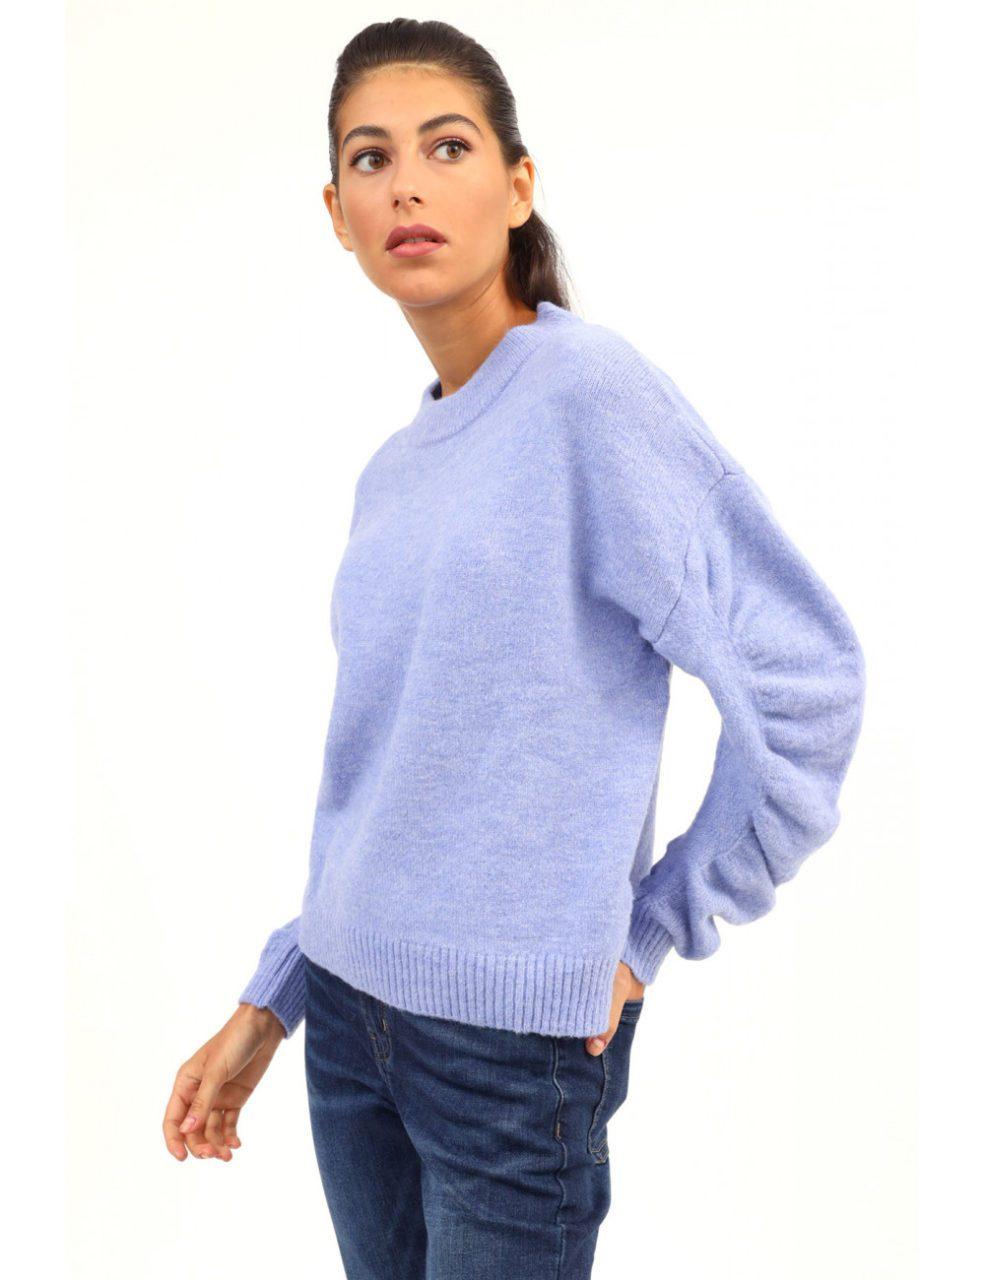 Susy mix πλεκτό πουλόβερ με σούρα στα μανίκια